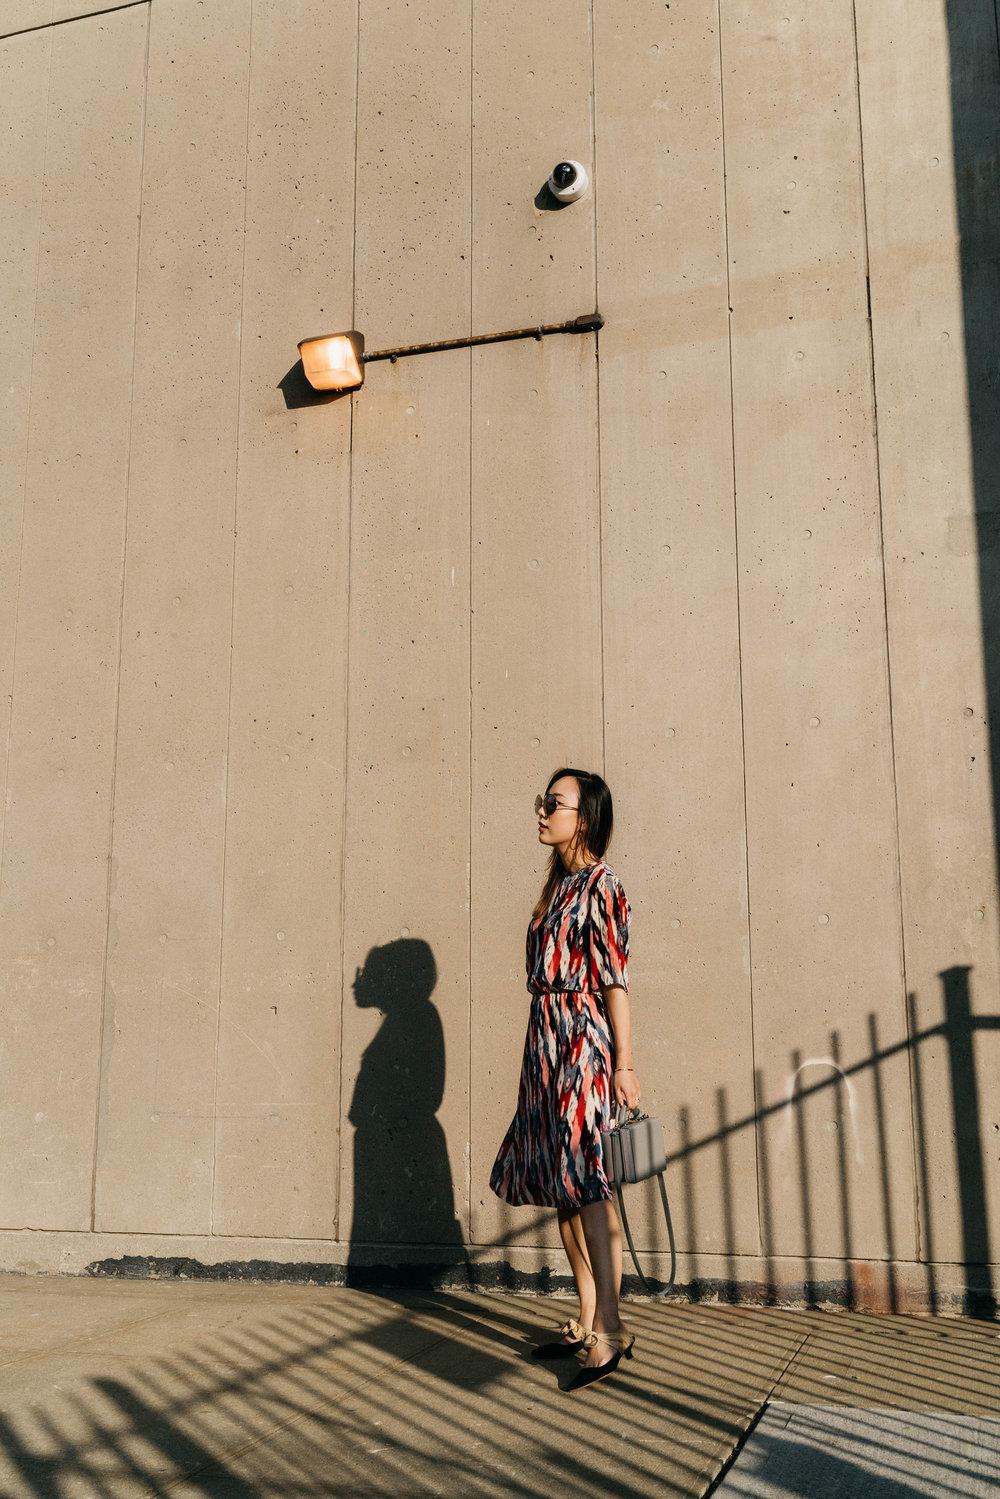 Isabel Marant Dress, Mark Cross Bag, The Row Shoes, Altuzarra Sunglasses